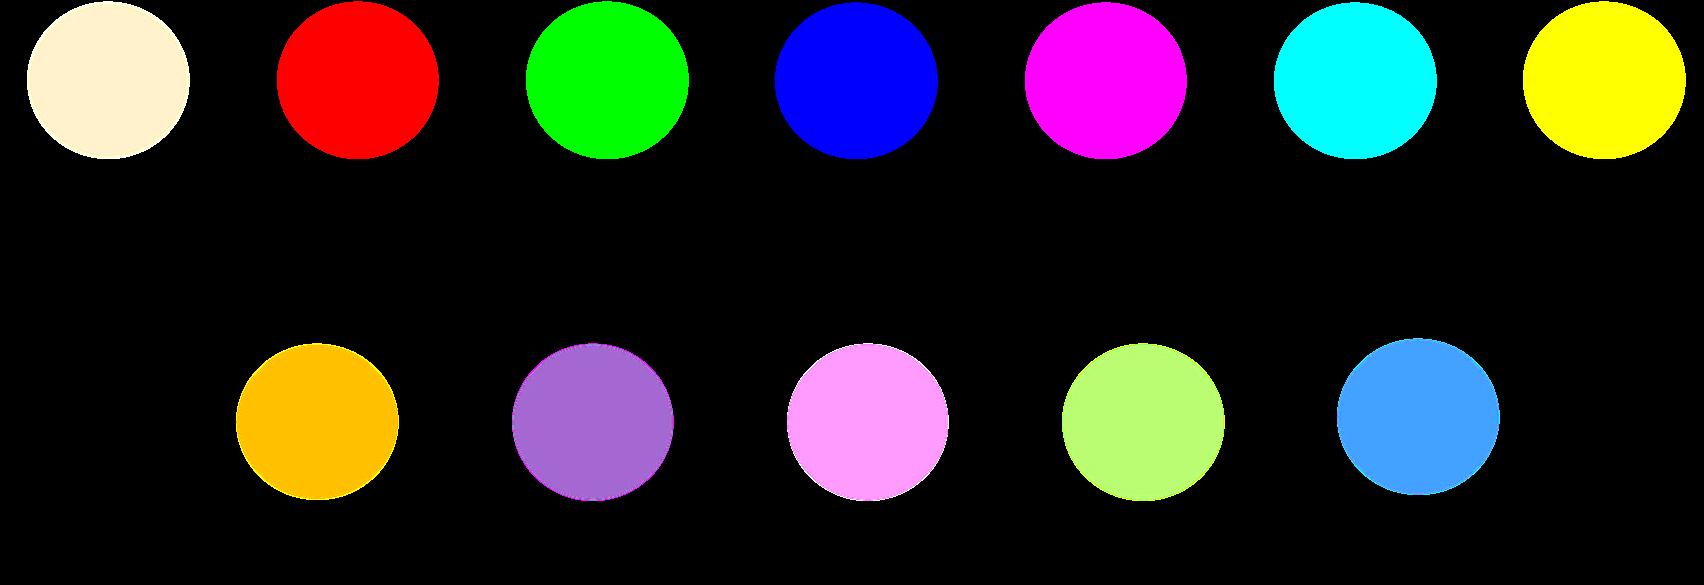 光の演出アイテム「Nebula(ネビュラ)」